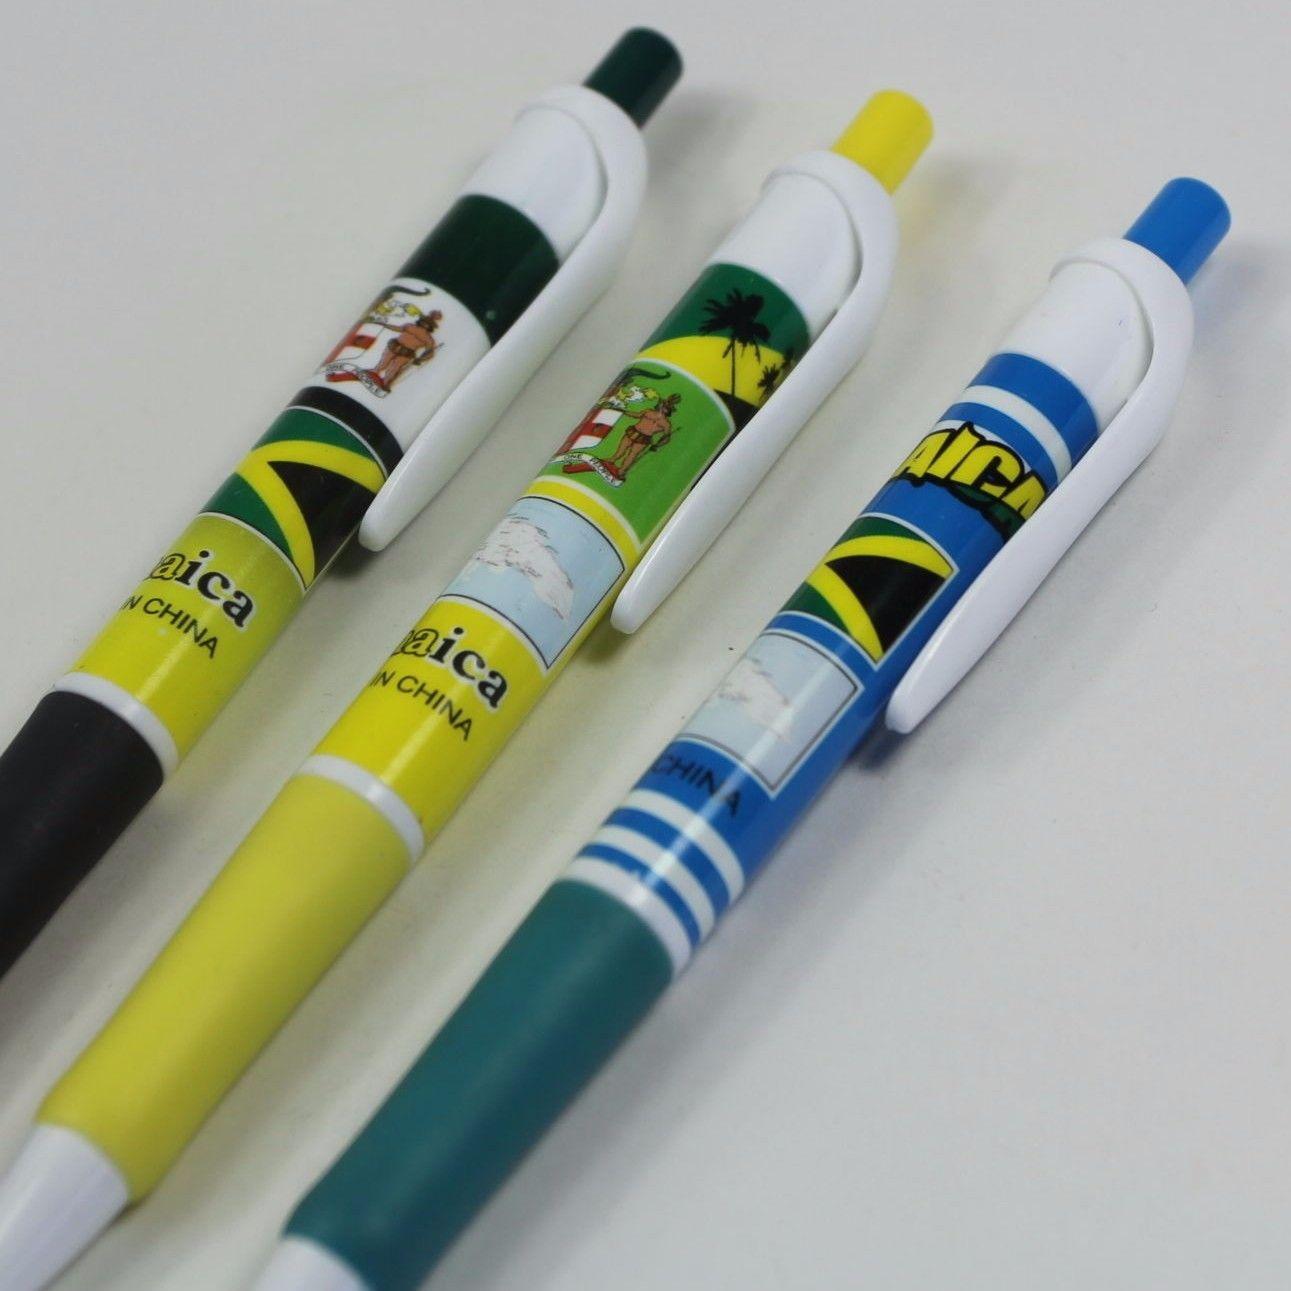 レゲエとジャマイカグッズ!TURTLE MAN's CLUB MARKET            ジャマイカ直輸入 ボールペン